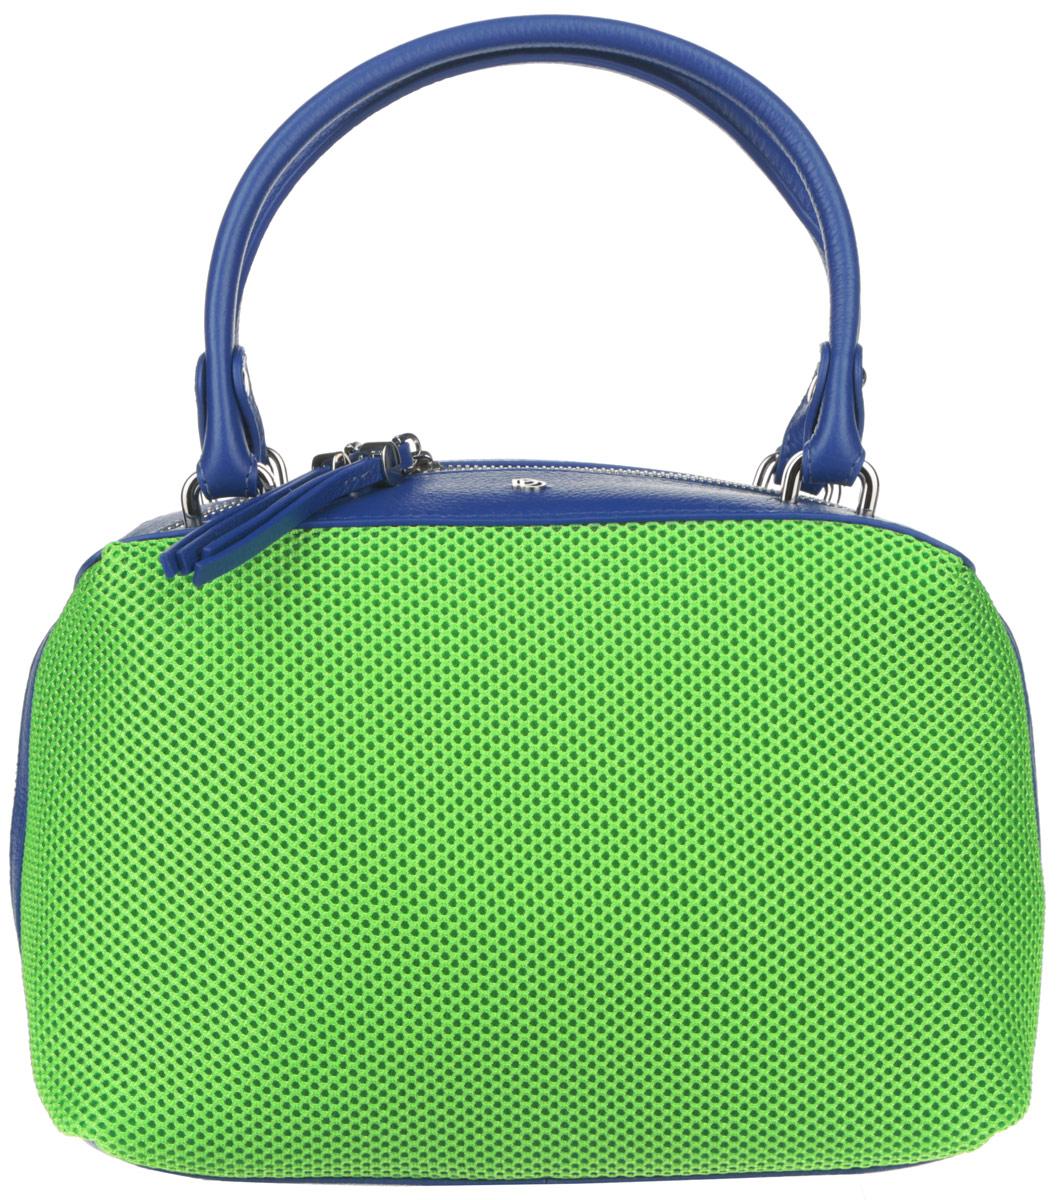 Сумка женская Pimo Betti, цвет: синий, салатовый. 14674B1-W114674B1-W1Оригинальная женская сумка торговой марки Pimo Betti выполнена из натуральной кожи с зернистой фактурой и текстильных вставок с перфорированной поверхностью. Модель закрывается на металлическую застежку-молнию. Сумка состоит из одного отделения, содержит два нашивных кармана для мелочей и телефона и врезной карман на пластиковой молнии. На задней стенке предусмотрен небольшой прорезной карман на молнии. Изделие оснащено удобными ручками. Дно сумки дополнено металлическими ножками, которые защищают изделие от повреждений. Сумка декорирована металлическими элементами с символикой логотипа бренда. Прилагается фирменный текстильный чехол для хранения. Оригинальный аксессуар позволит вам завершить образ и всегда быть в центре внимания.